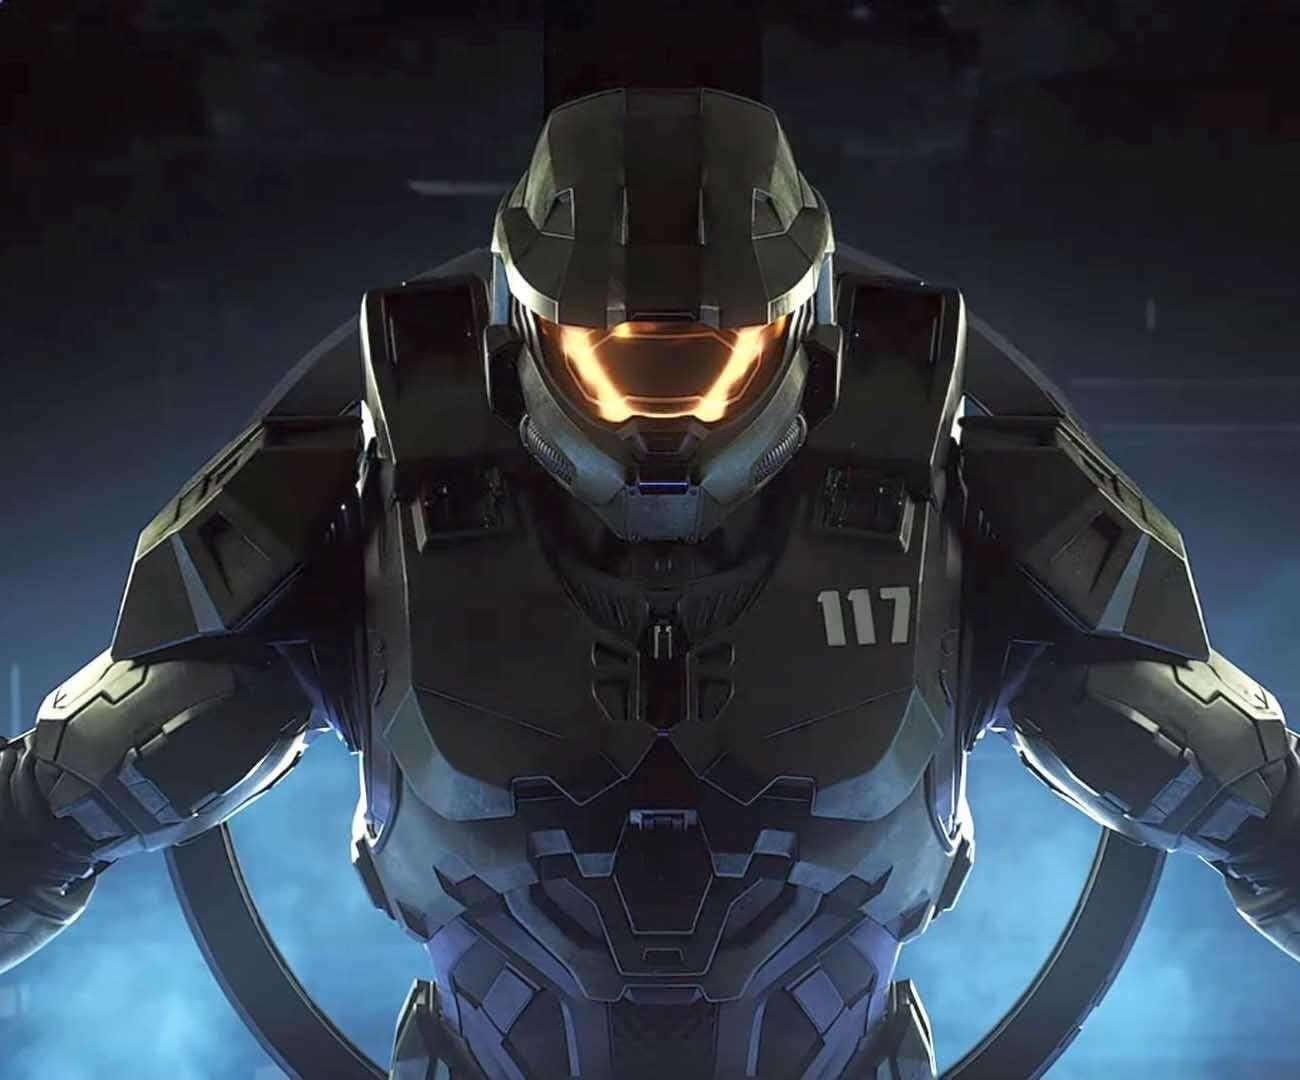 Co z Halo Infinite? Phil Spencer twierdzi, że mamy stare informacje